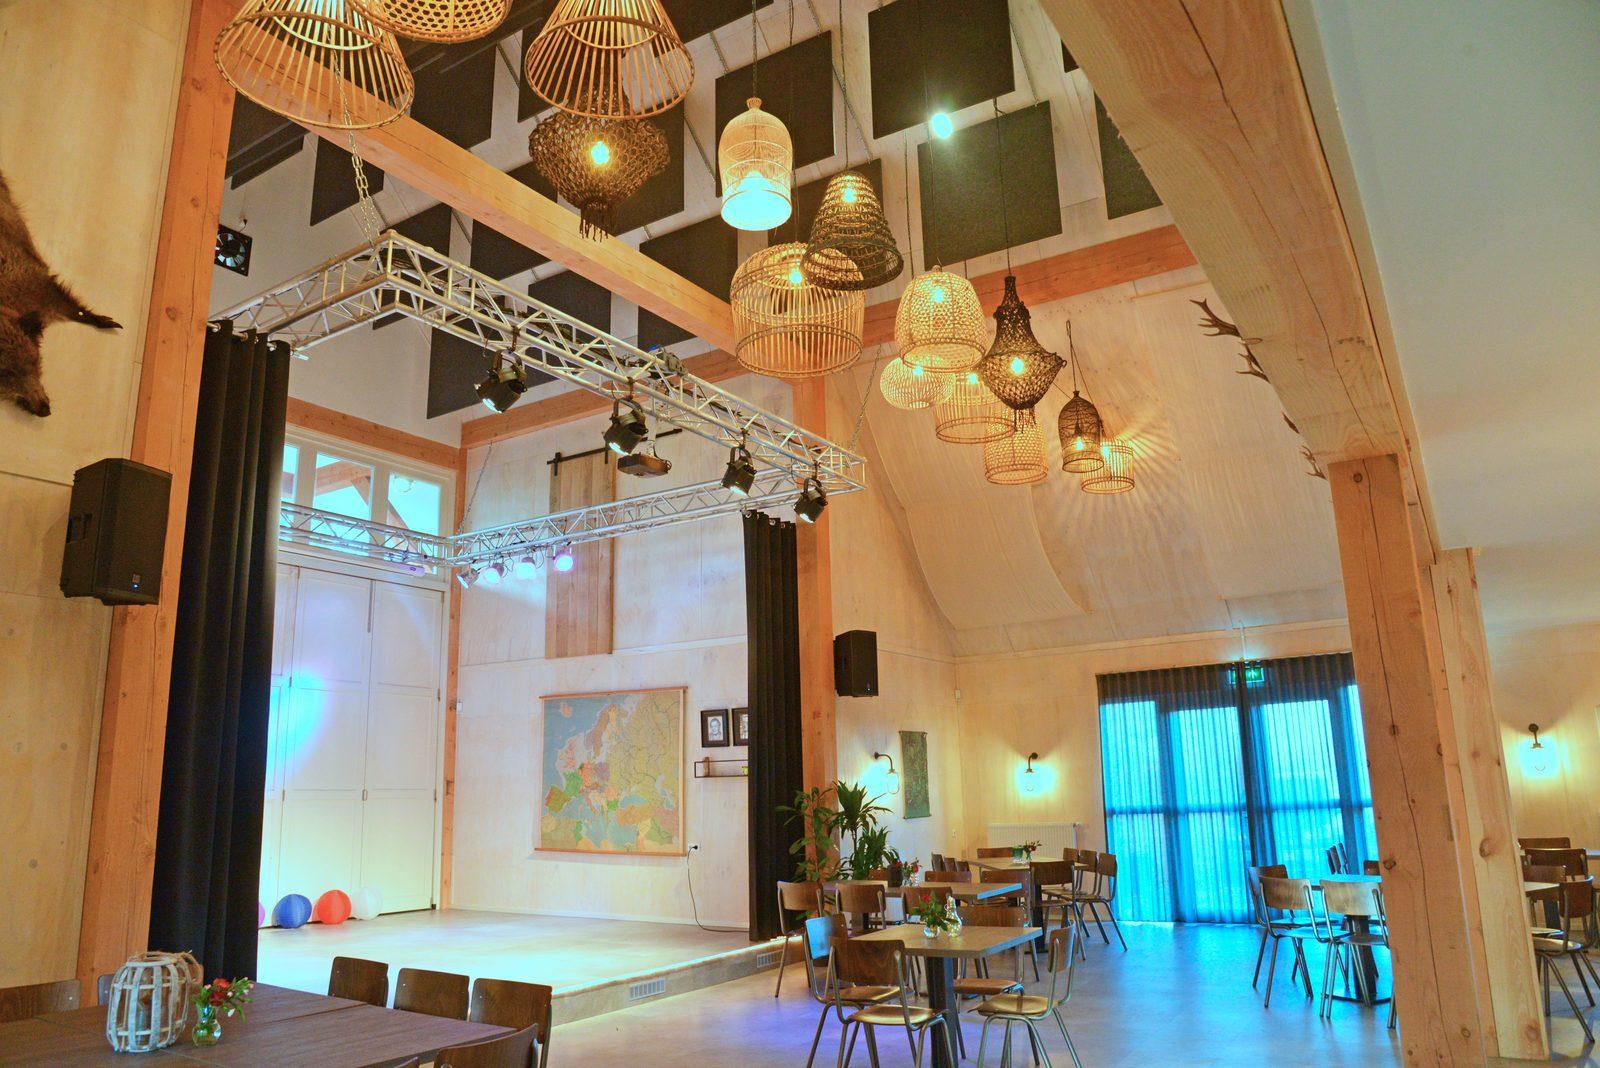 Atmosphärisches Zimmer für viele verschiedene Pakete